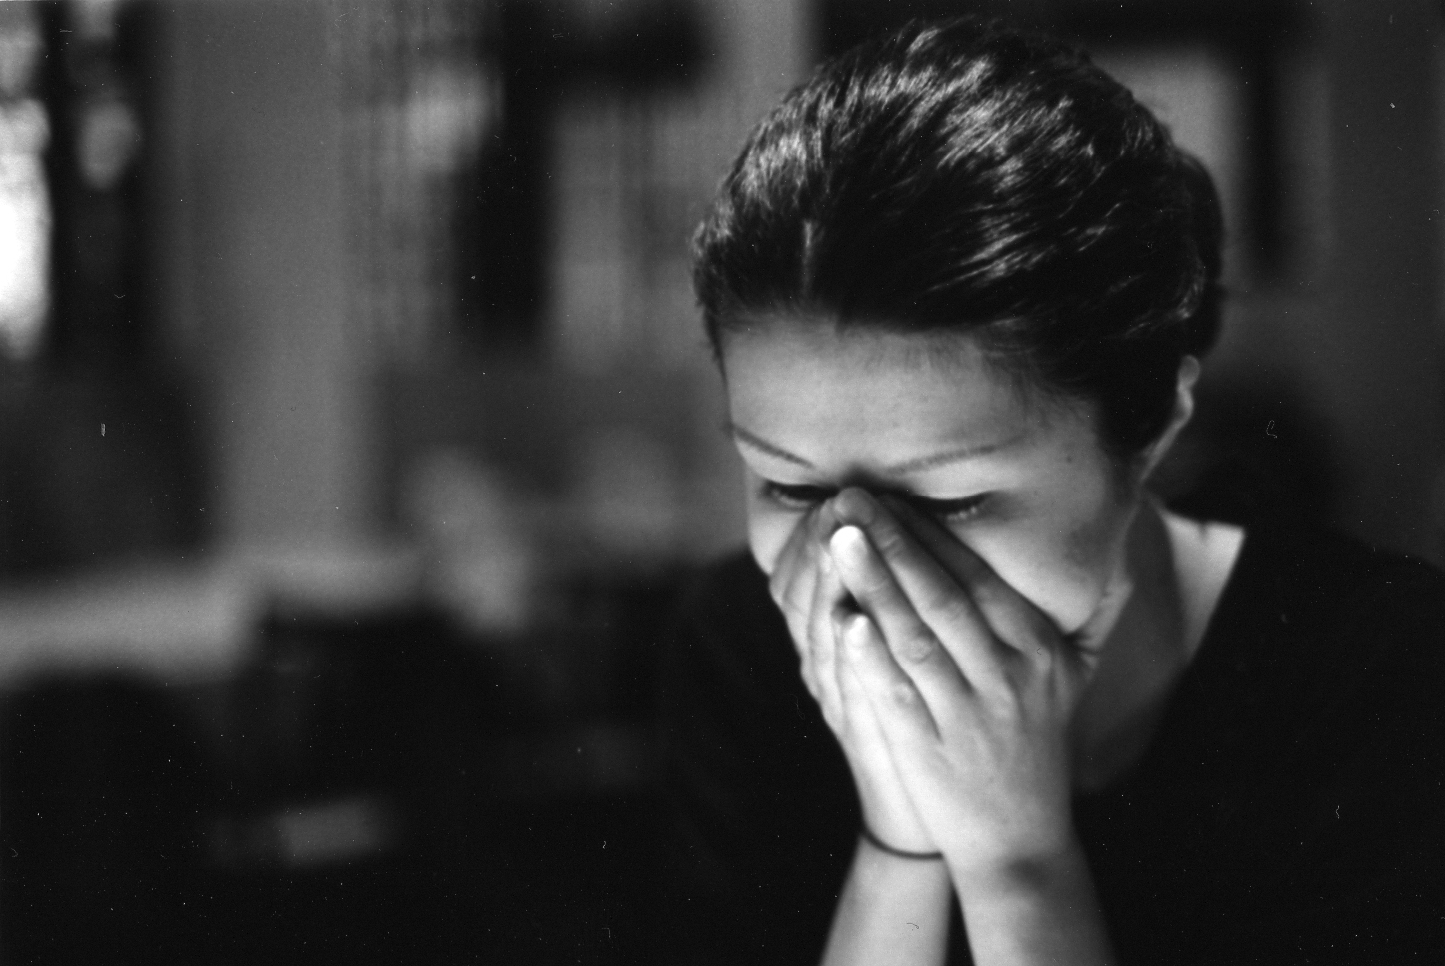 الاكتئاب يتسبب في ارتفاع خطر السكتات القلبية